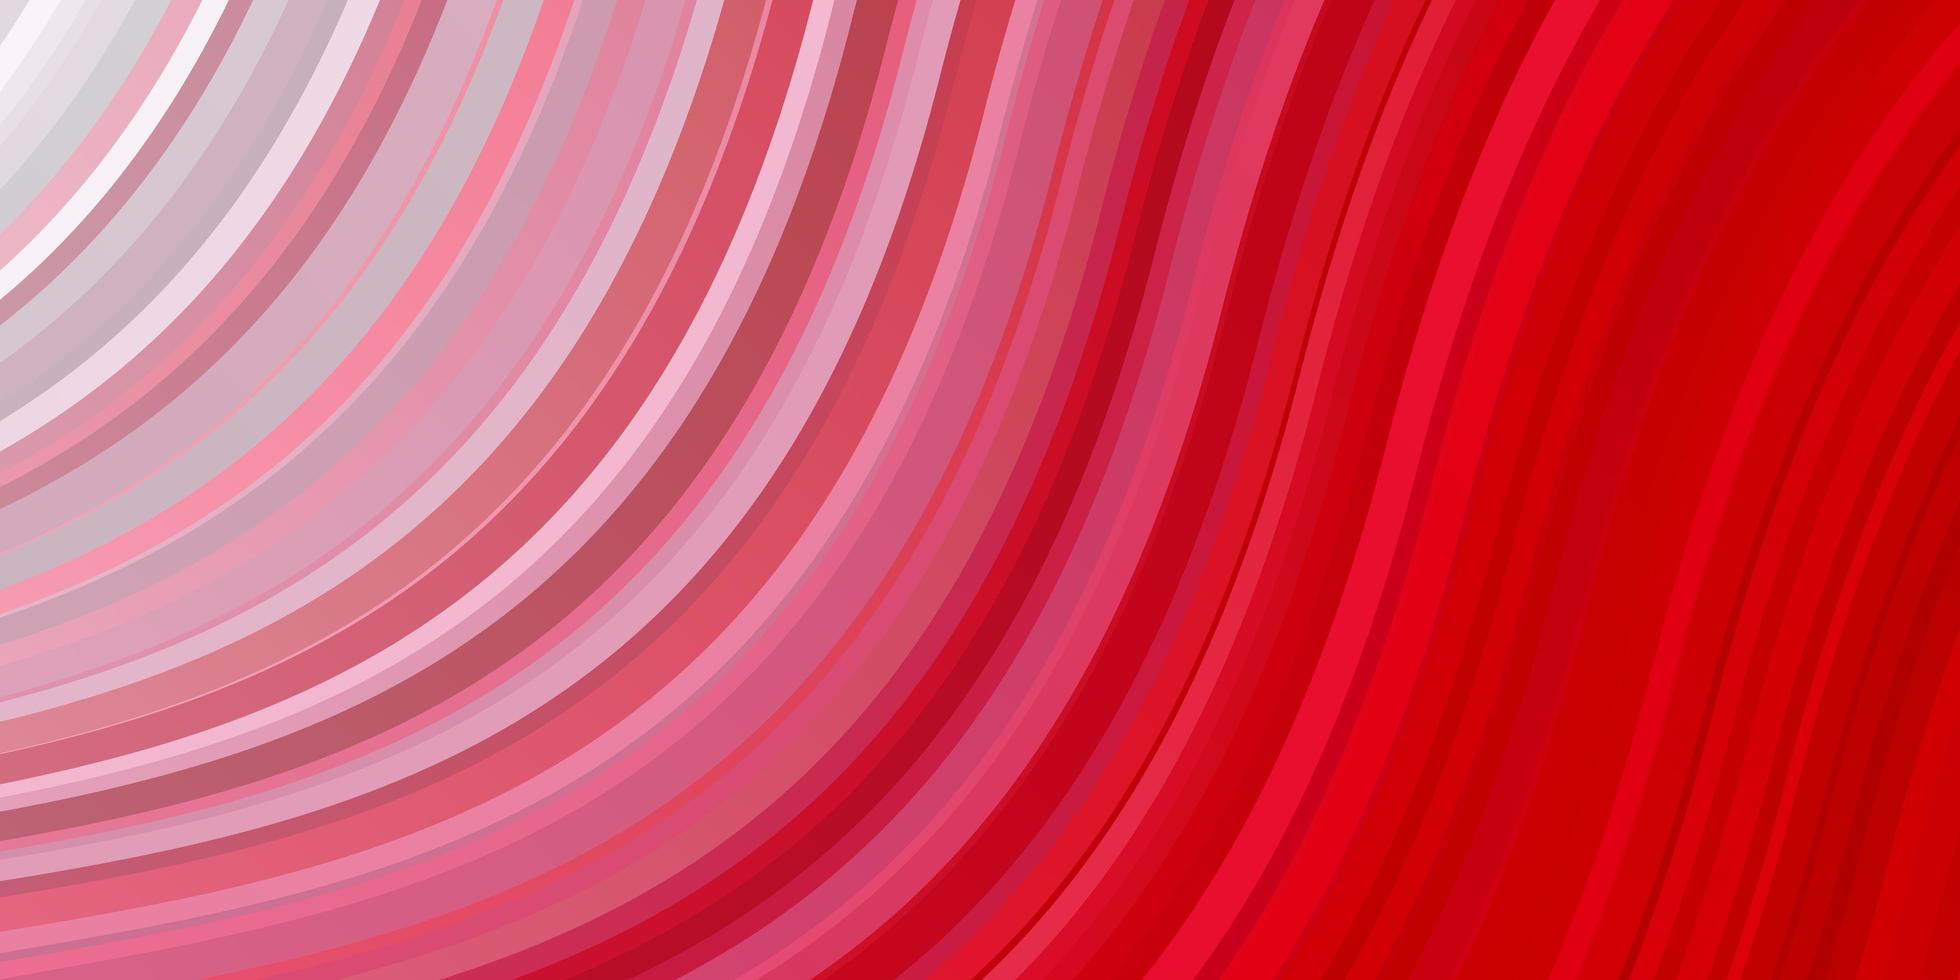 hellrote Vektorschablone mit schiefen Linien. vektor